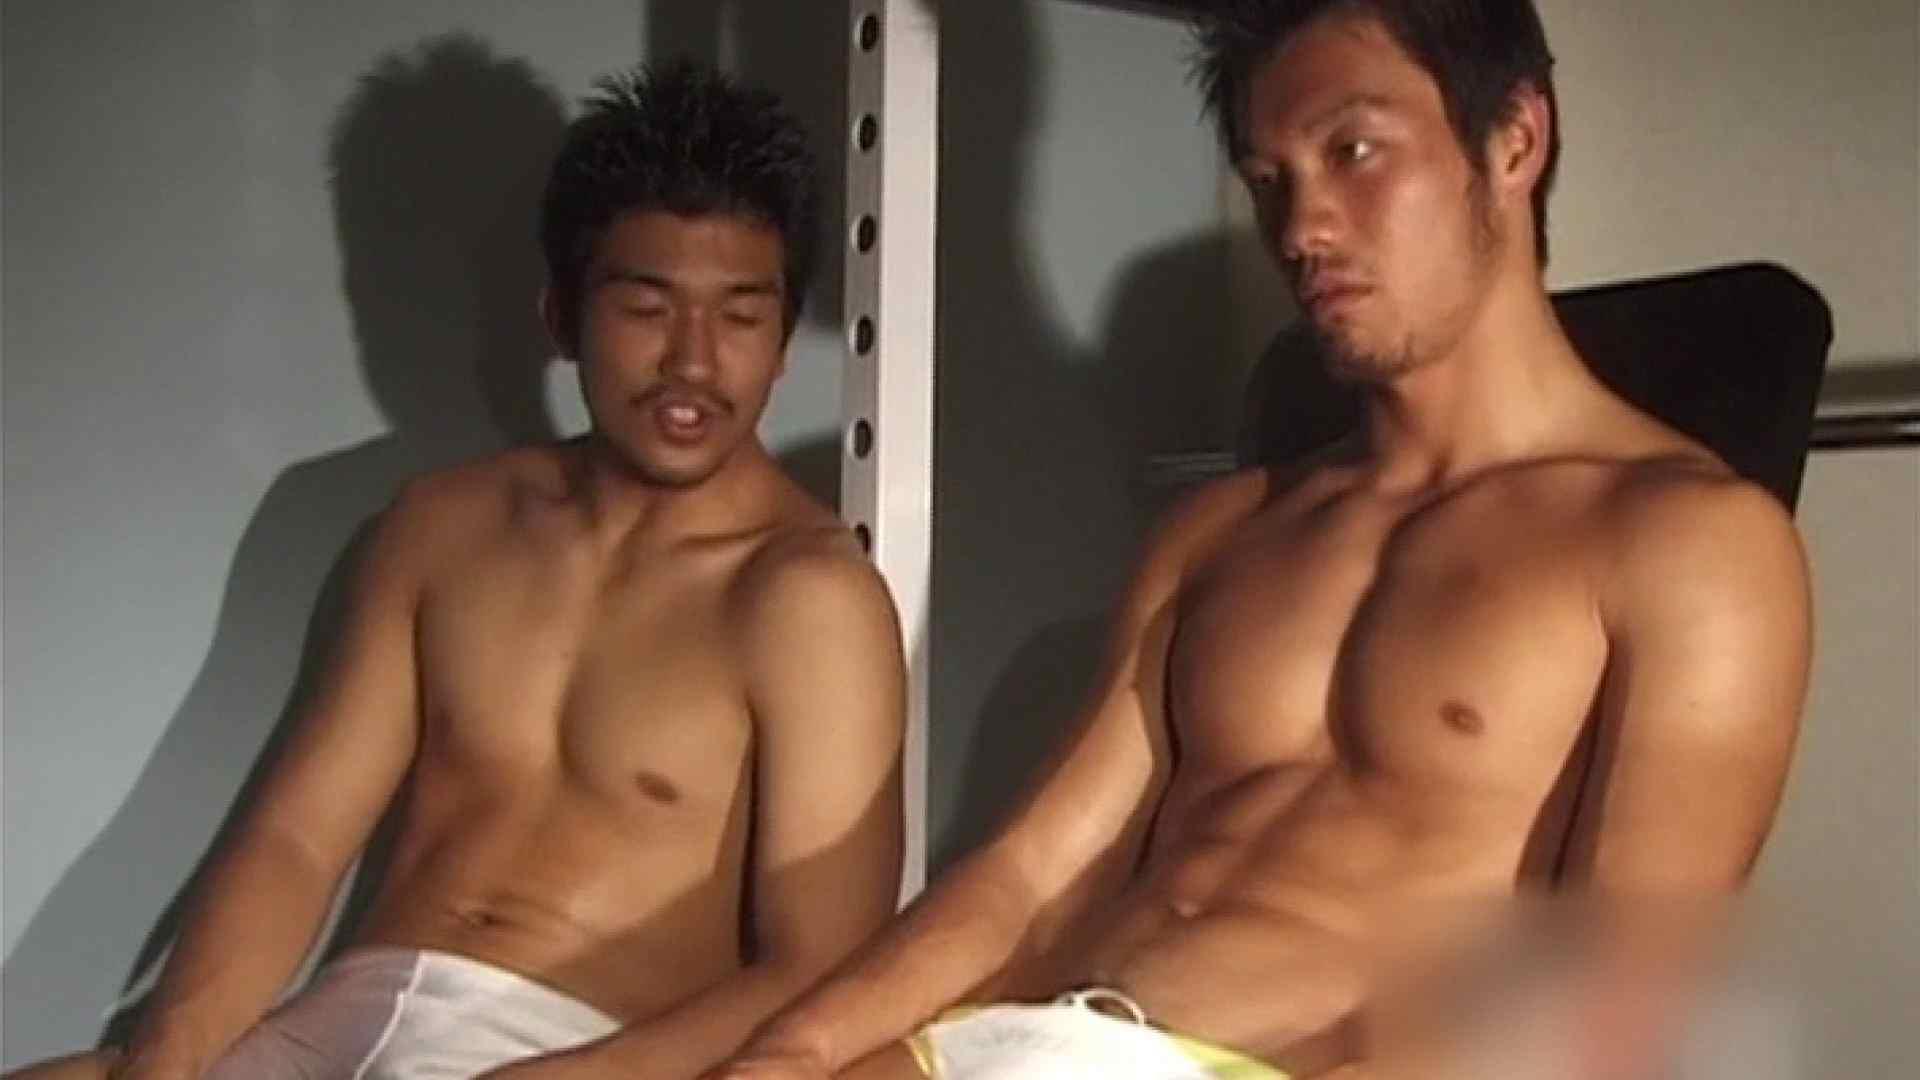 筋肉バカのおてぃんてぃんはほとんどゲイだからぁ…vol.2 フェラ男子 おちんちん画像 65連発 23